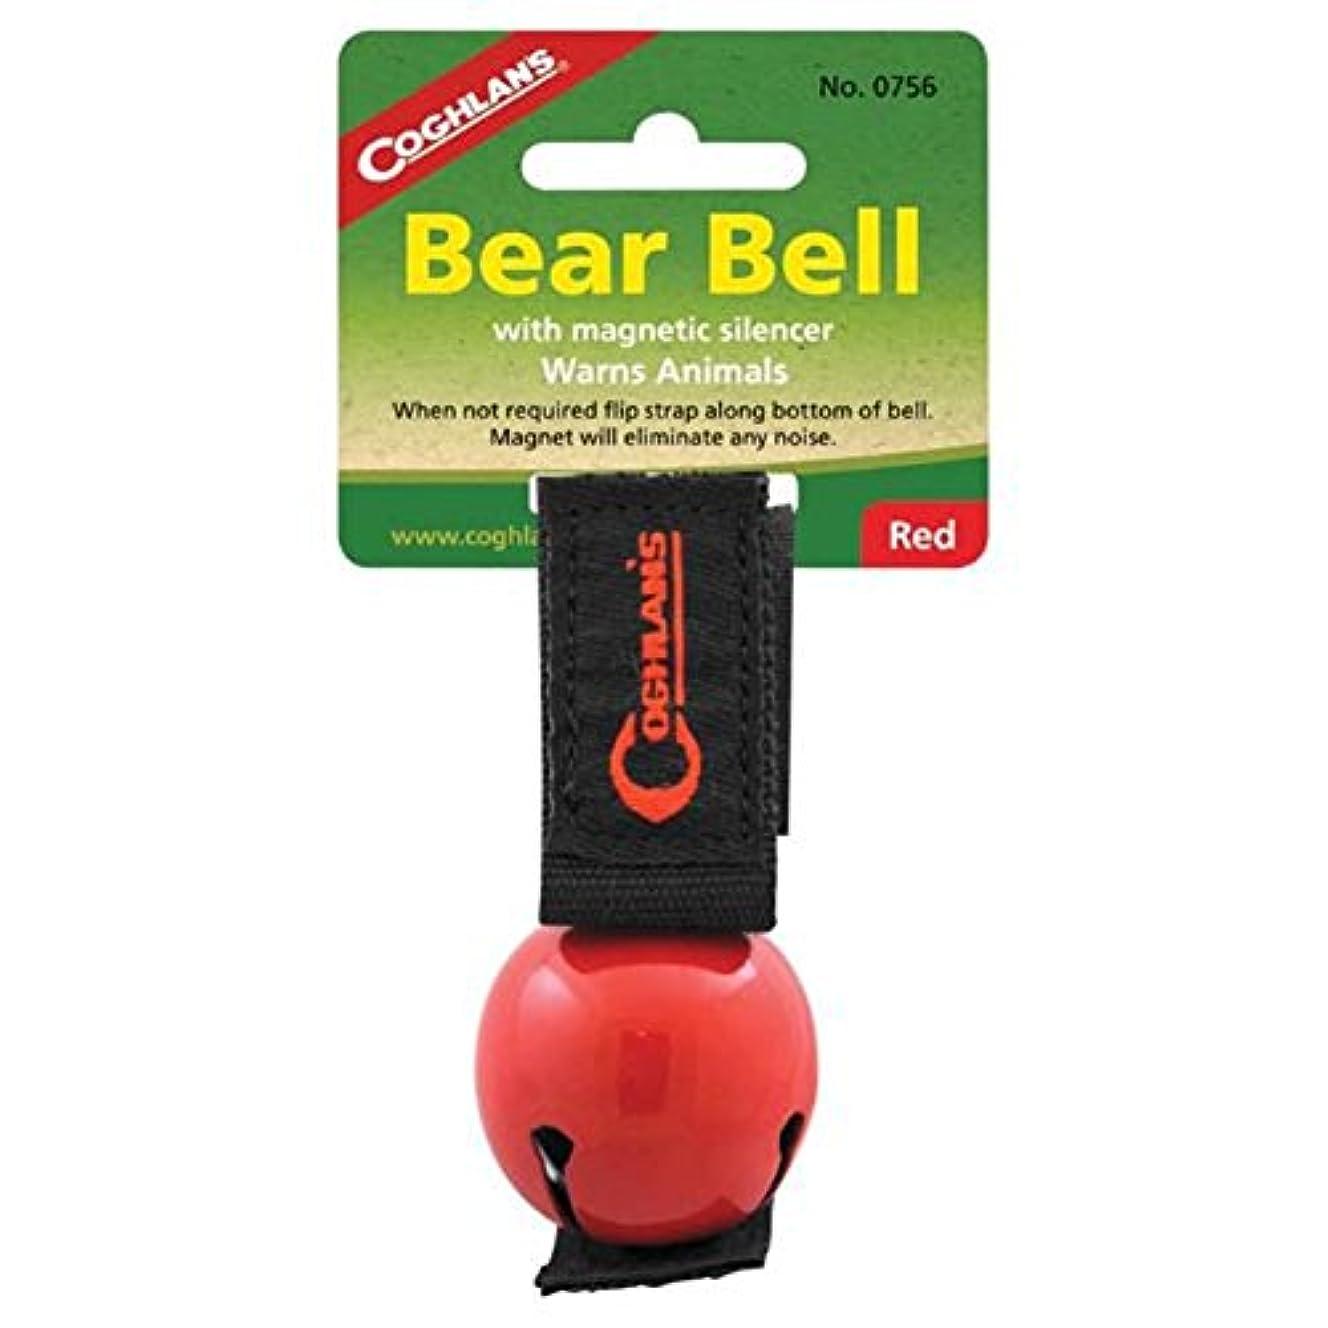 一人で経験的非難Coghlan's RED Bear Bell Metal w/ Magnetic Silencer by Coghlan's